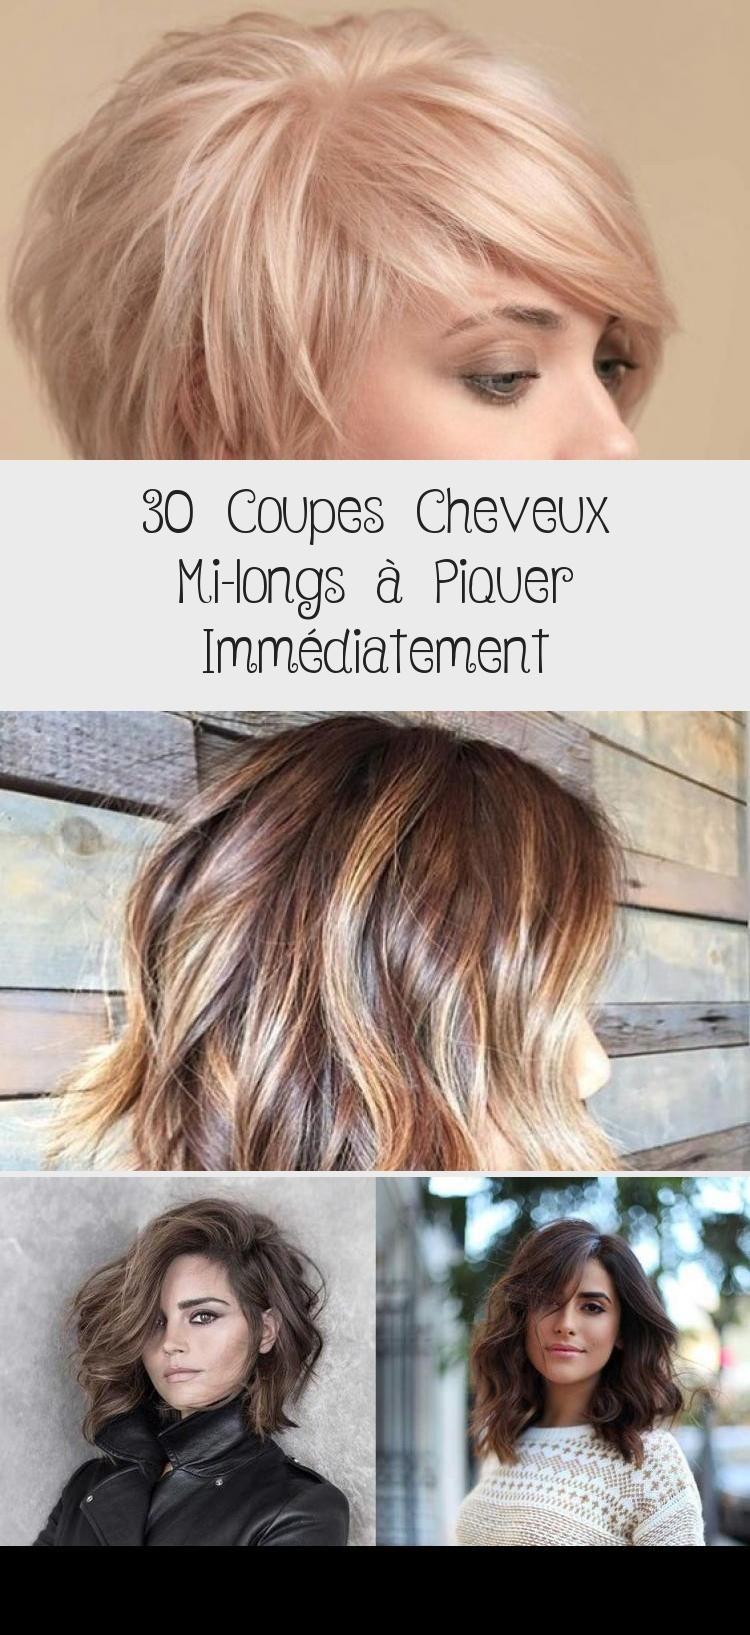 30 Coupes Cheveux Mi Longs A Piquer Immediatement Cheveux Blog Corinne Larissa